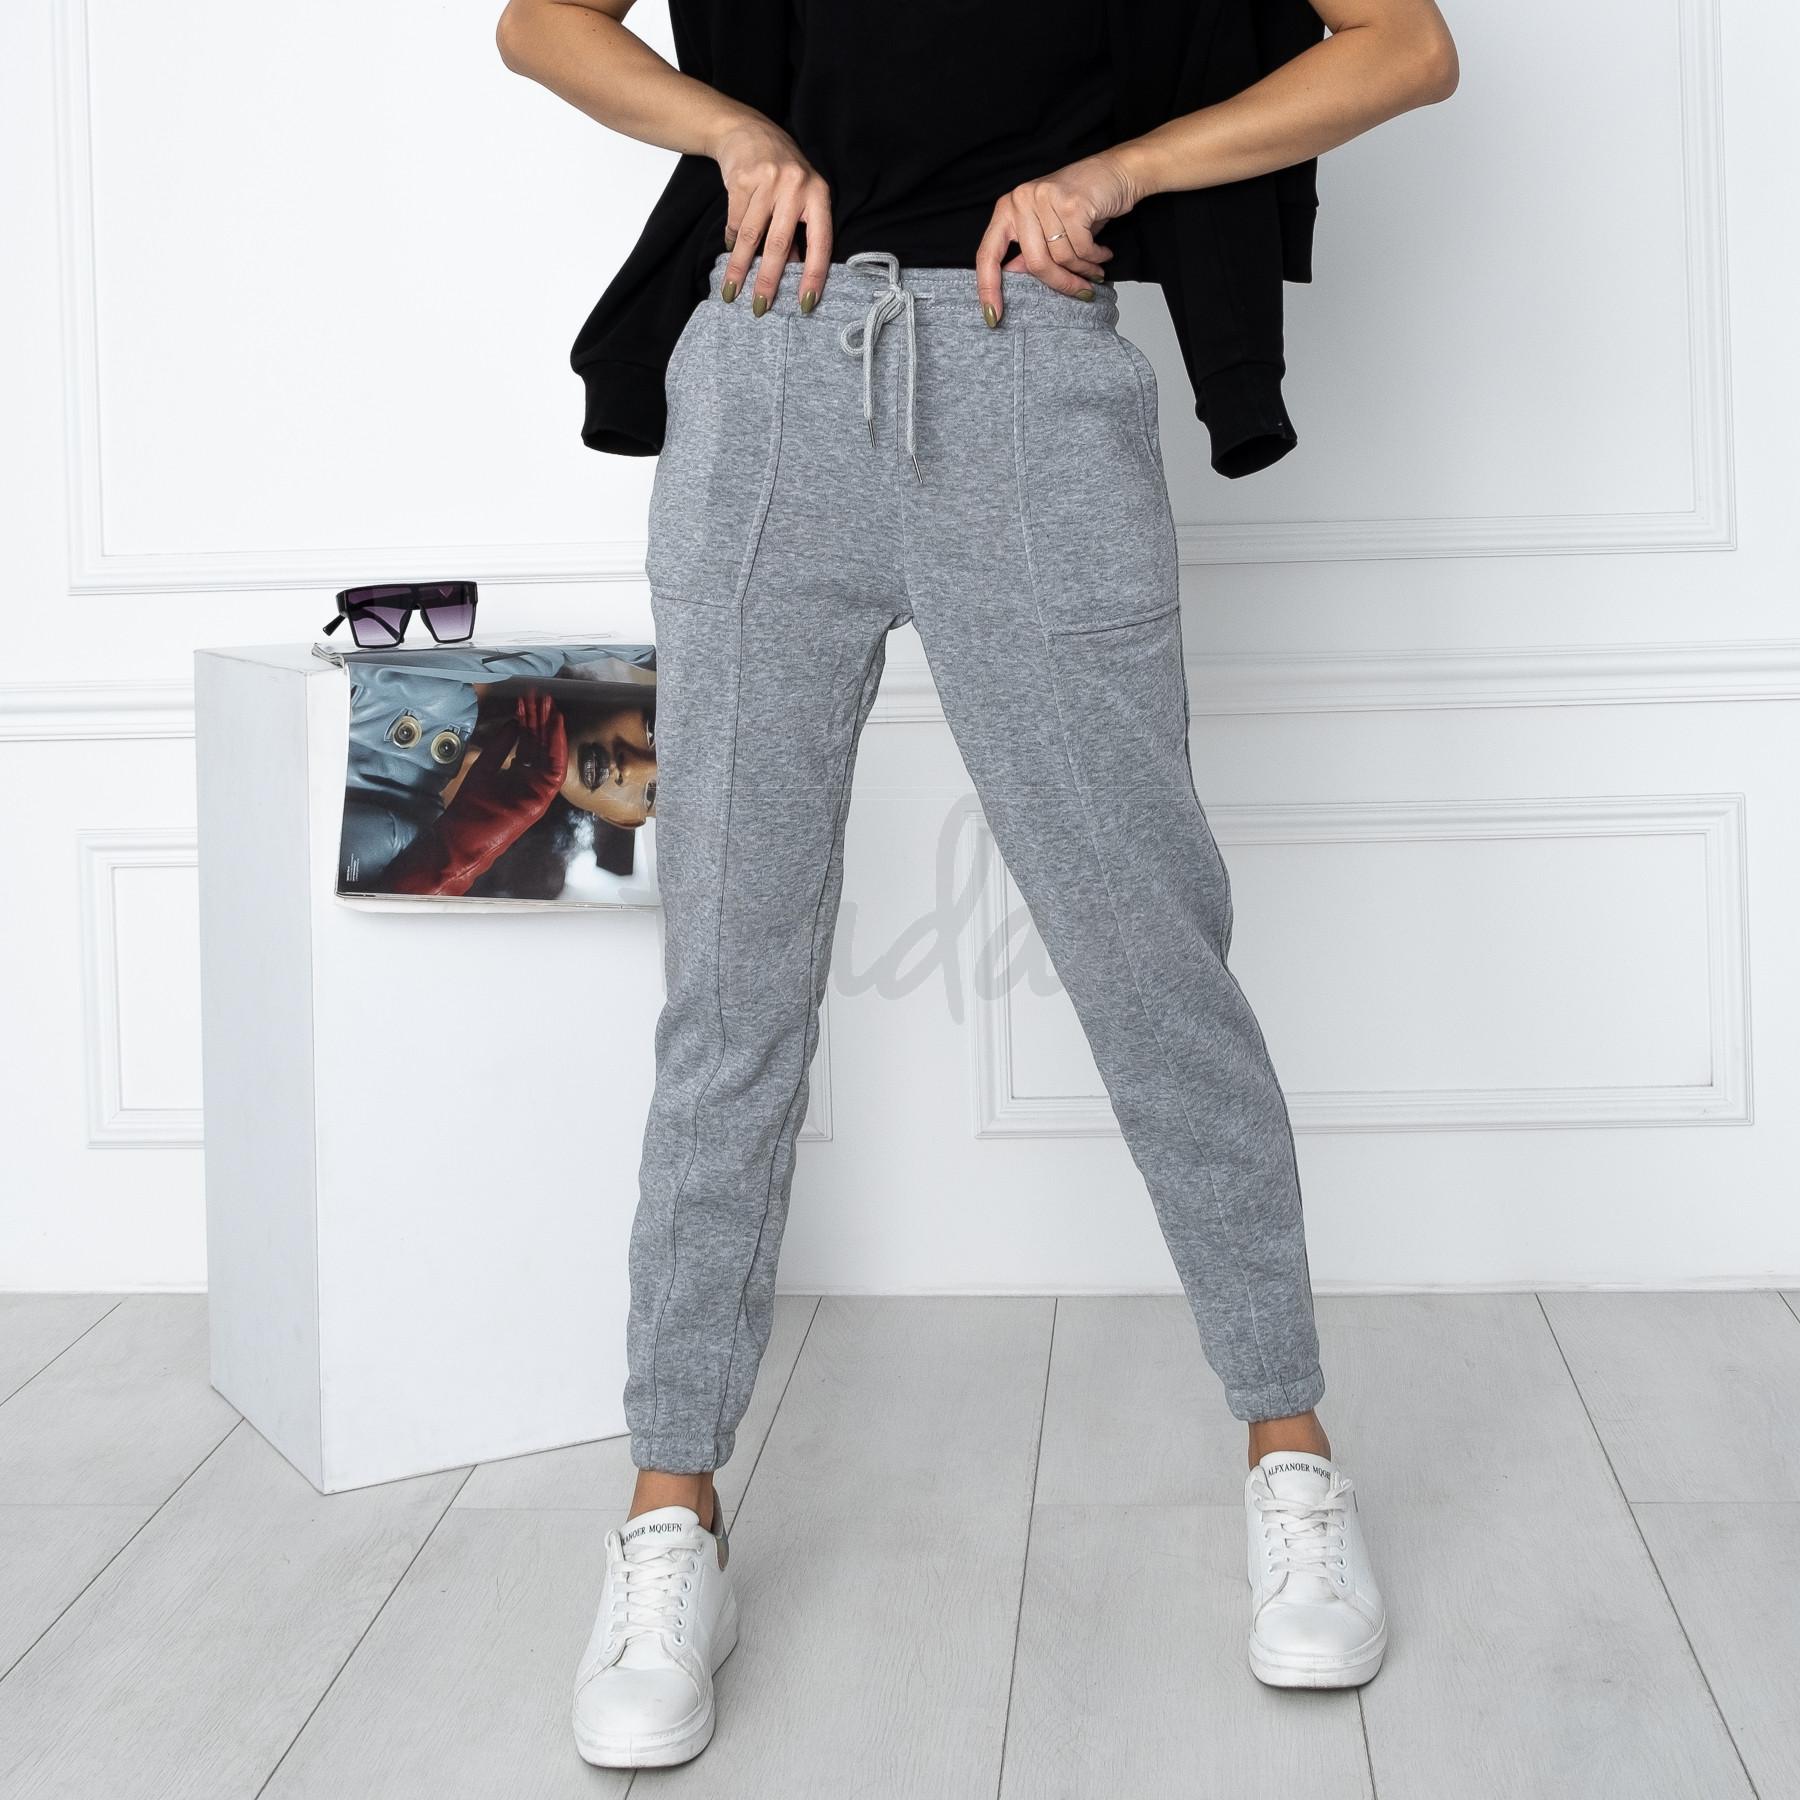 0011-6 серые спортивные штаны женские на флисе (6 ед.размеры: S.M.L.XL.XXL.3XL)